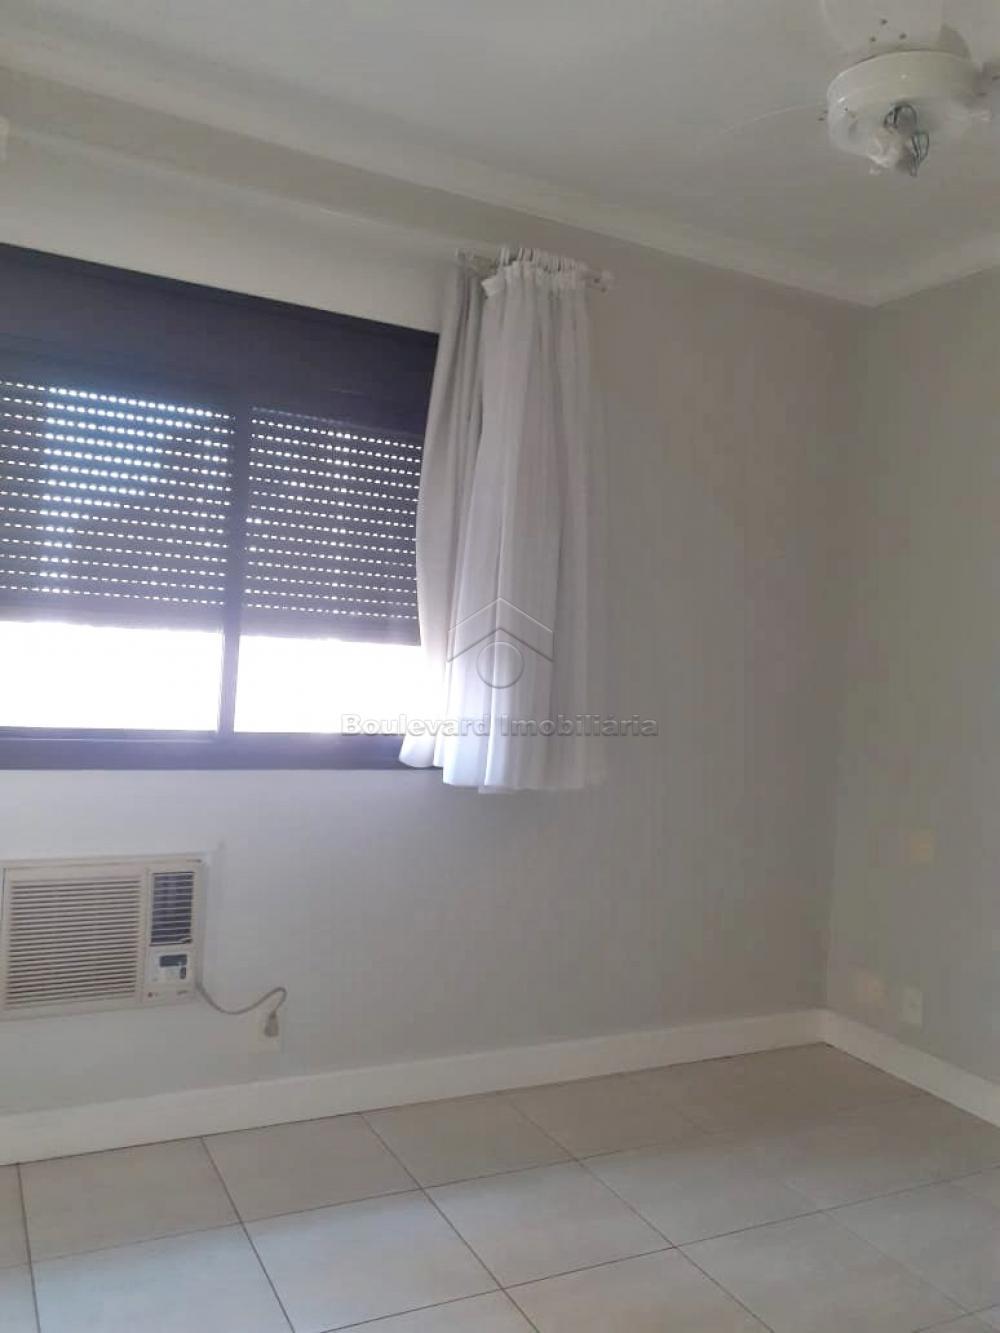 Alugar Apartamento / Padrão em Ribeirão Preto R$ 5.000,00 - Foto 29